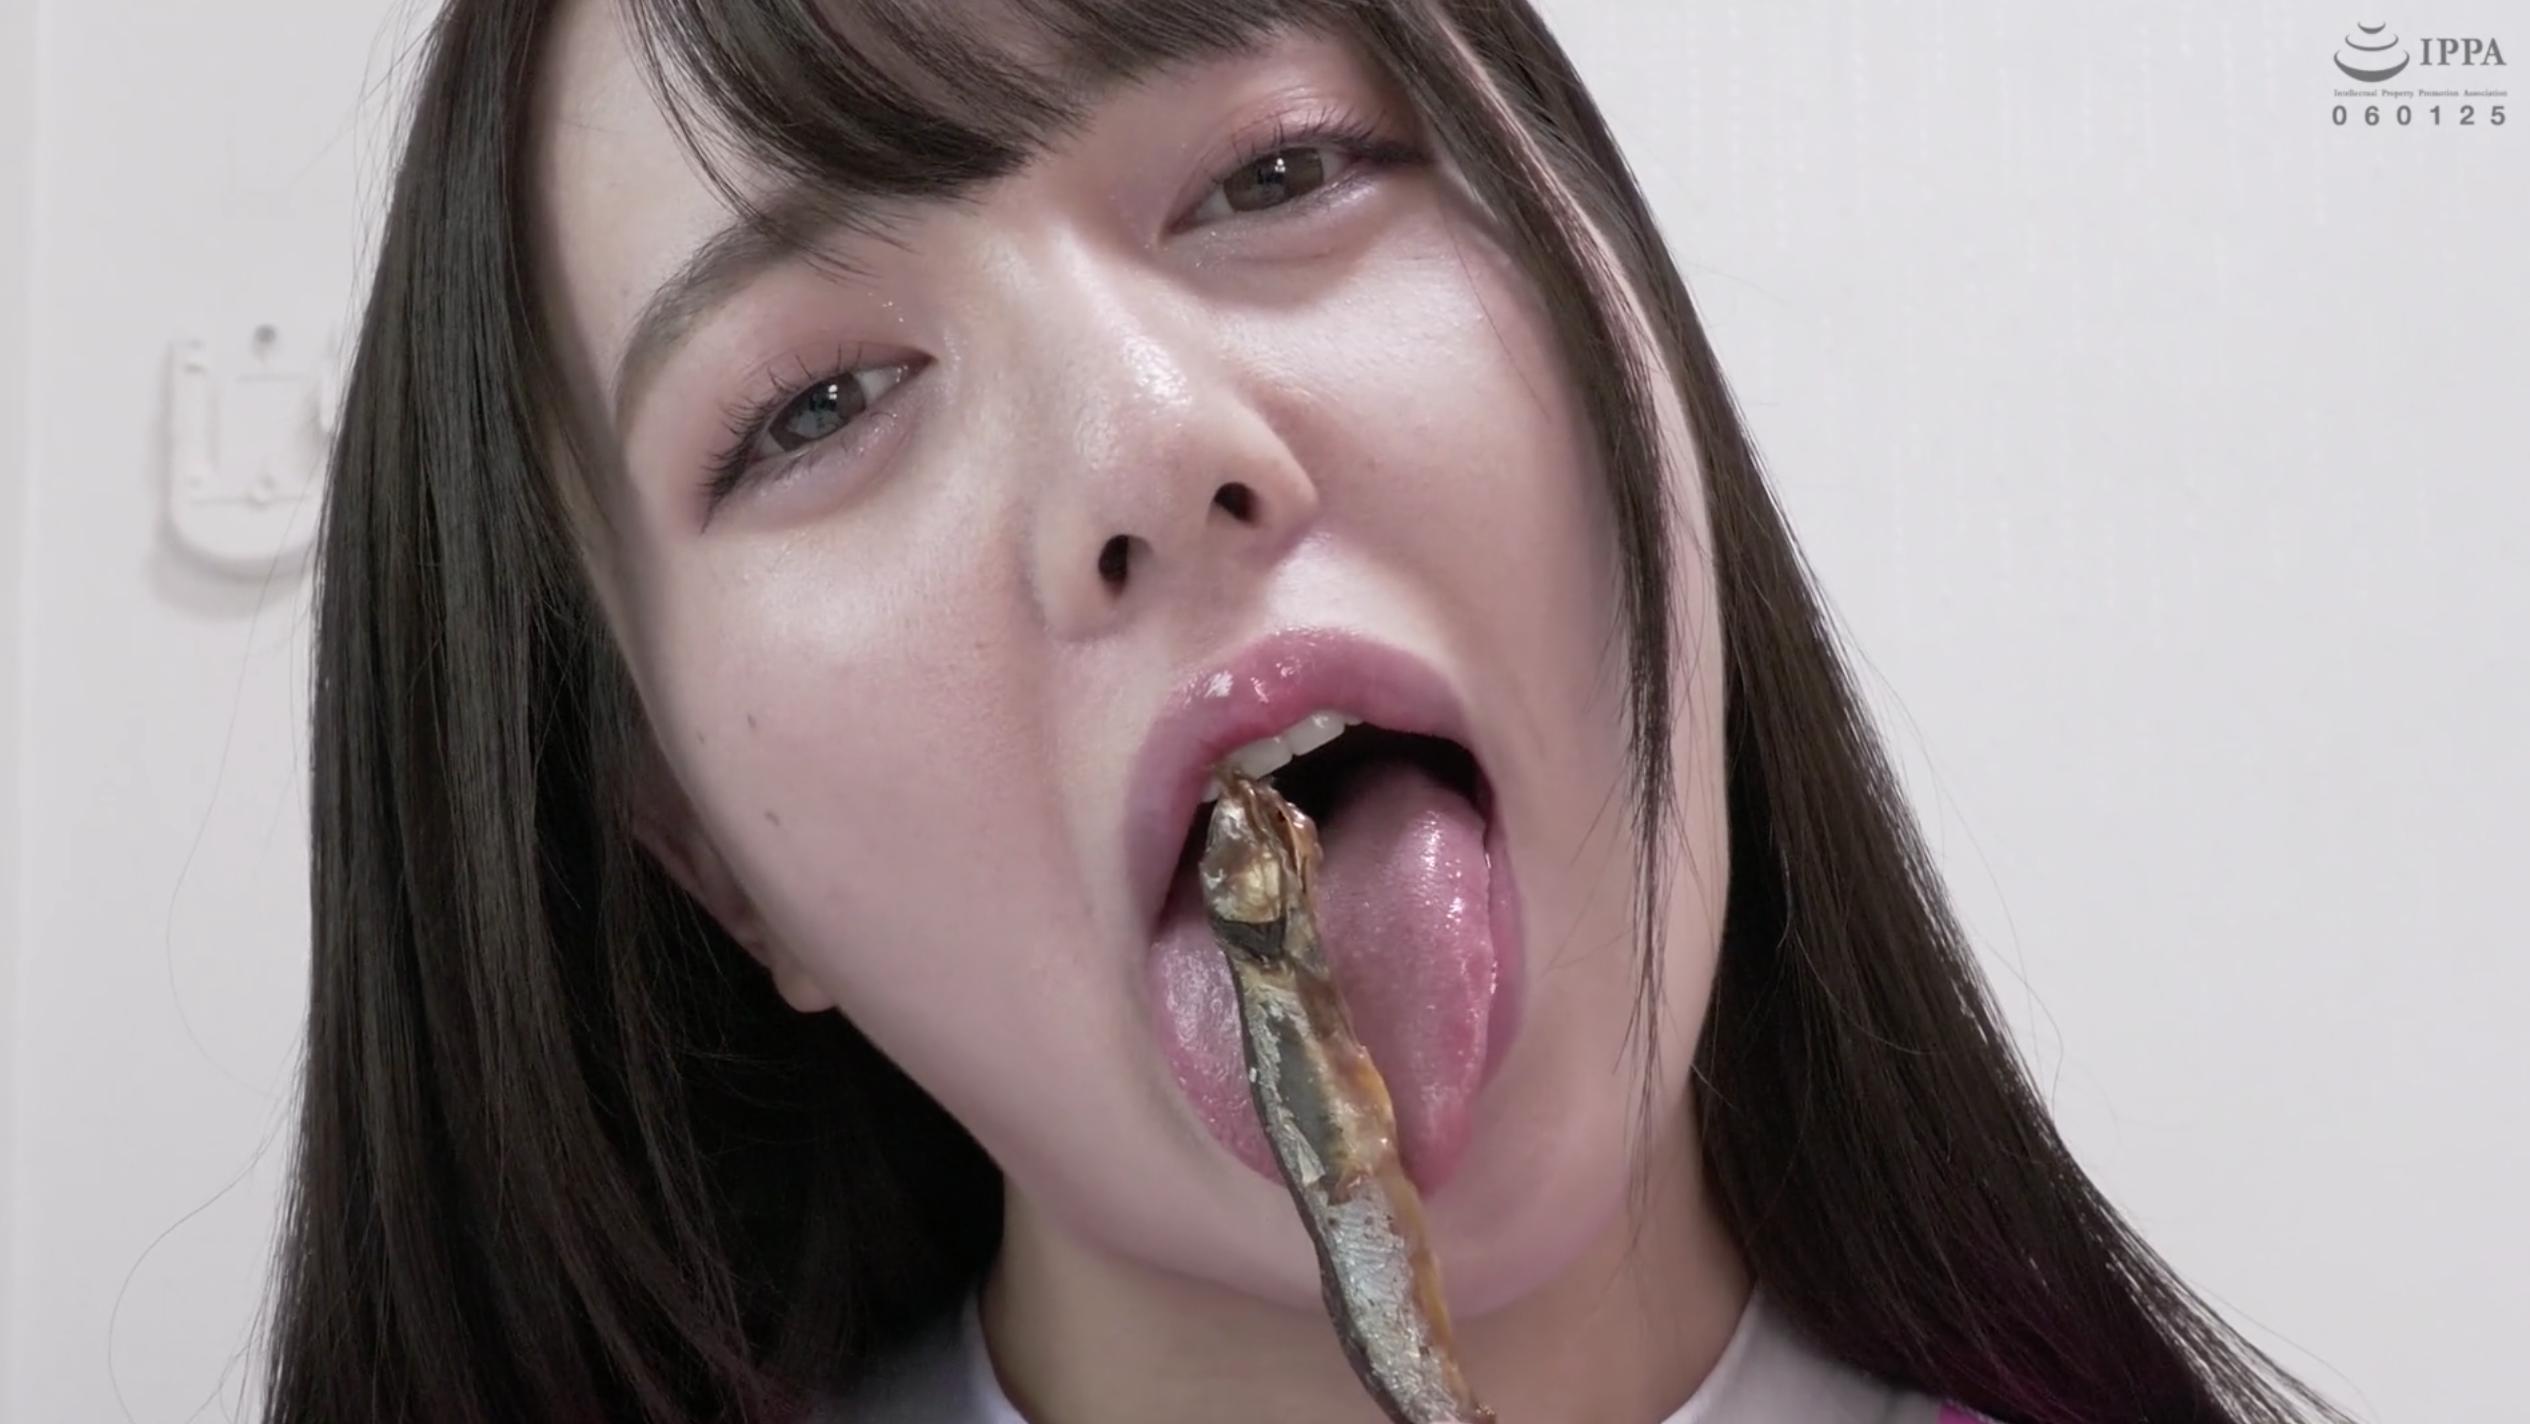 【舌ベロ&咀嚼】人気女優 朝日しずくチャンのししゃも舐め&唾たらし&咀嚼!!!(パッケージ画像)